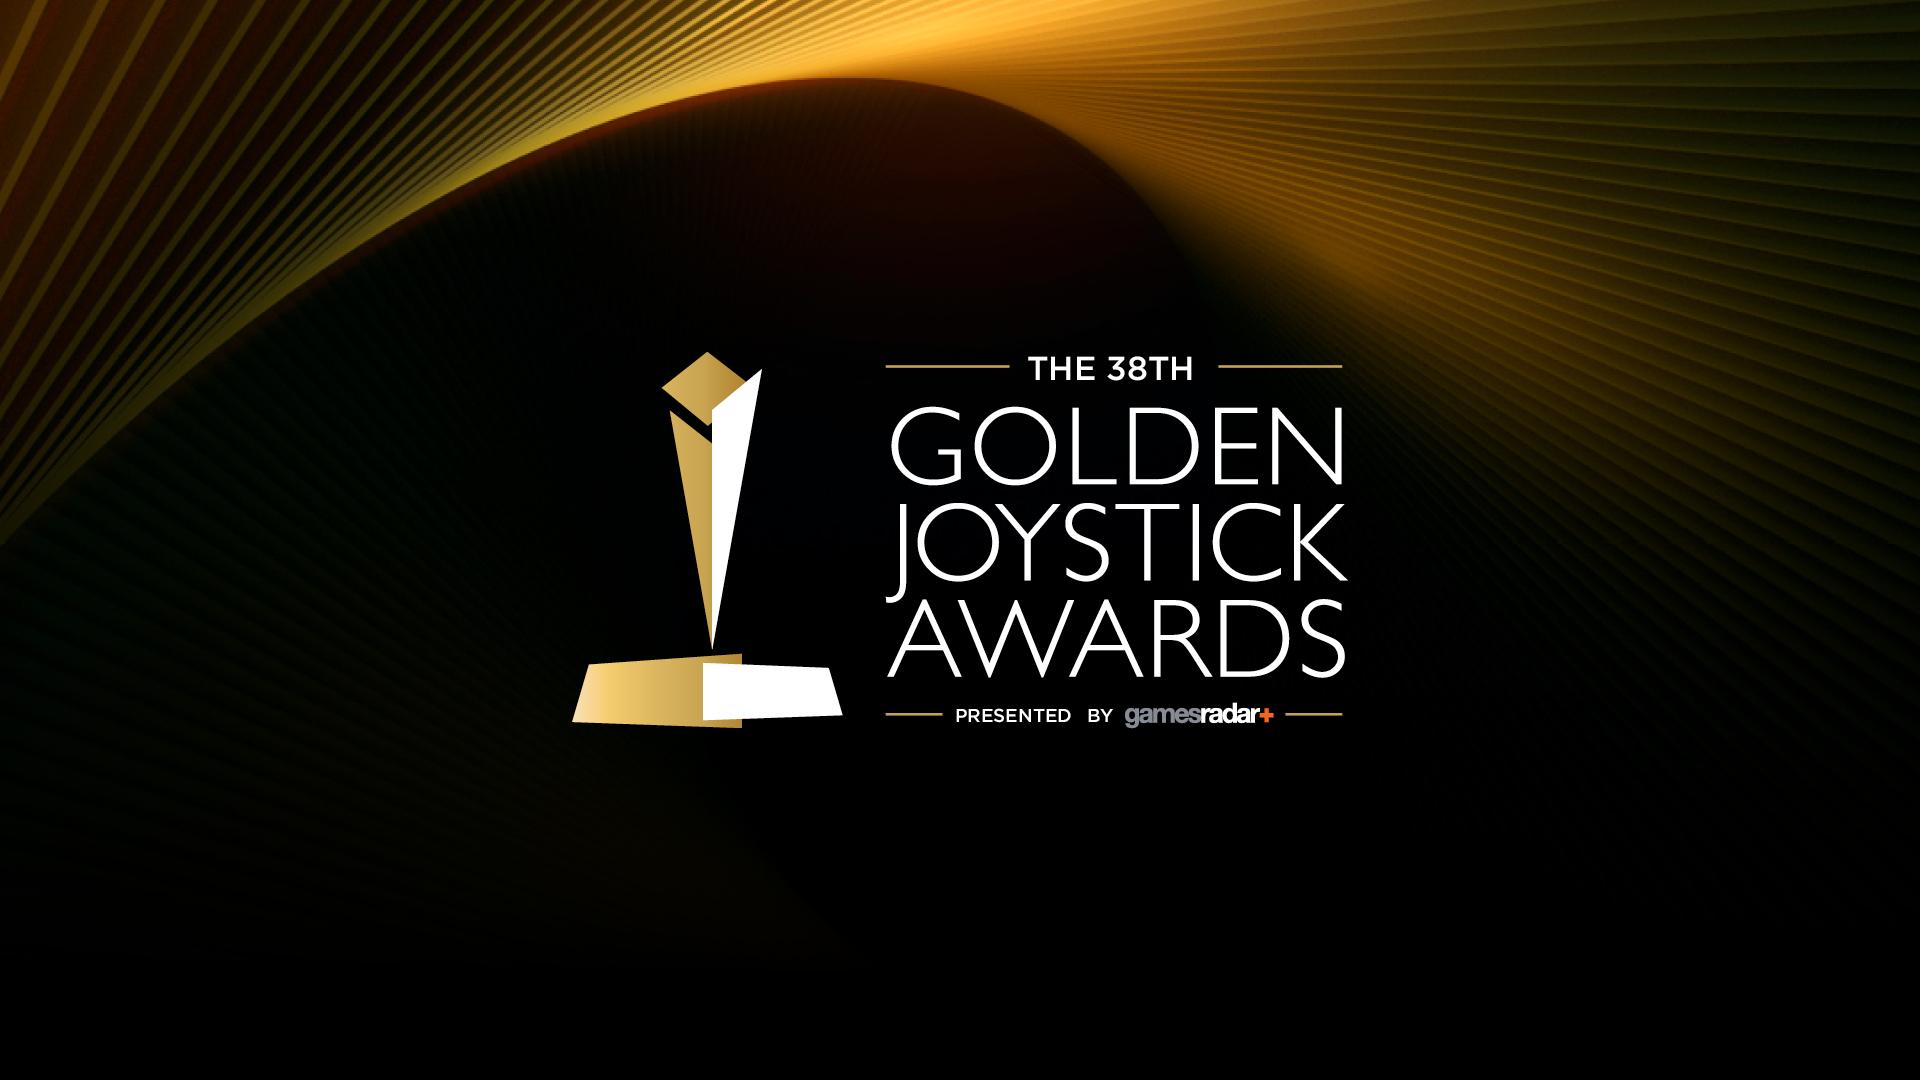 GANADORES DE LOS JOYSTICK GOLDEN AWARDS 2020